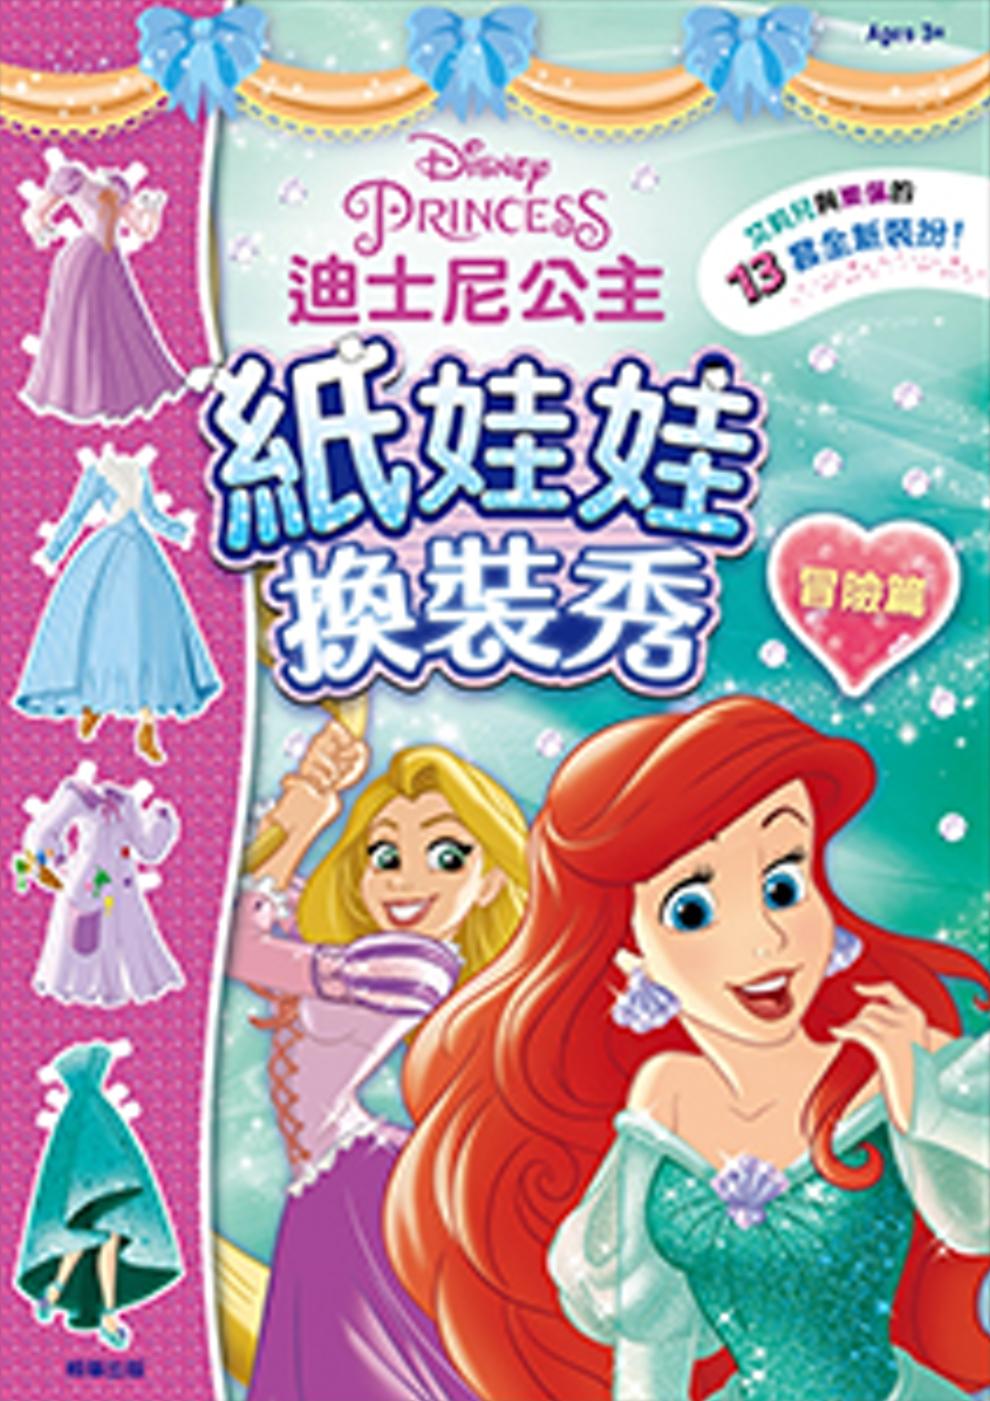 迪士尼公主紙娃娃換裝秀:冒險篇